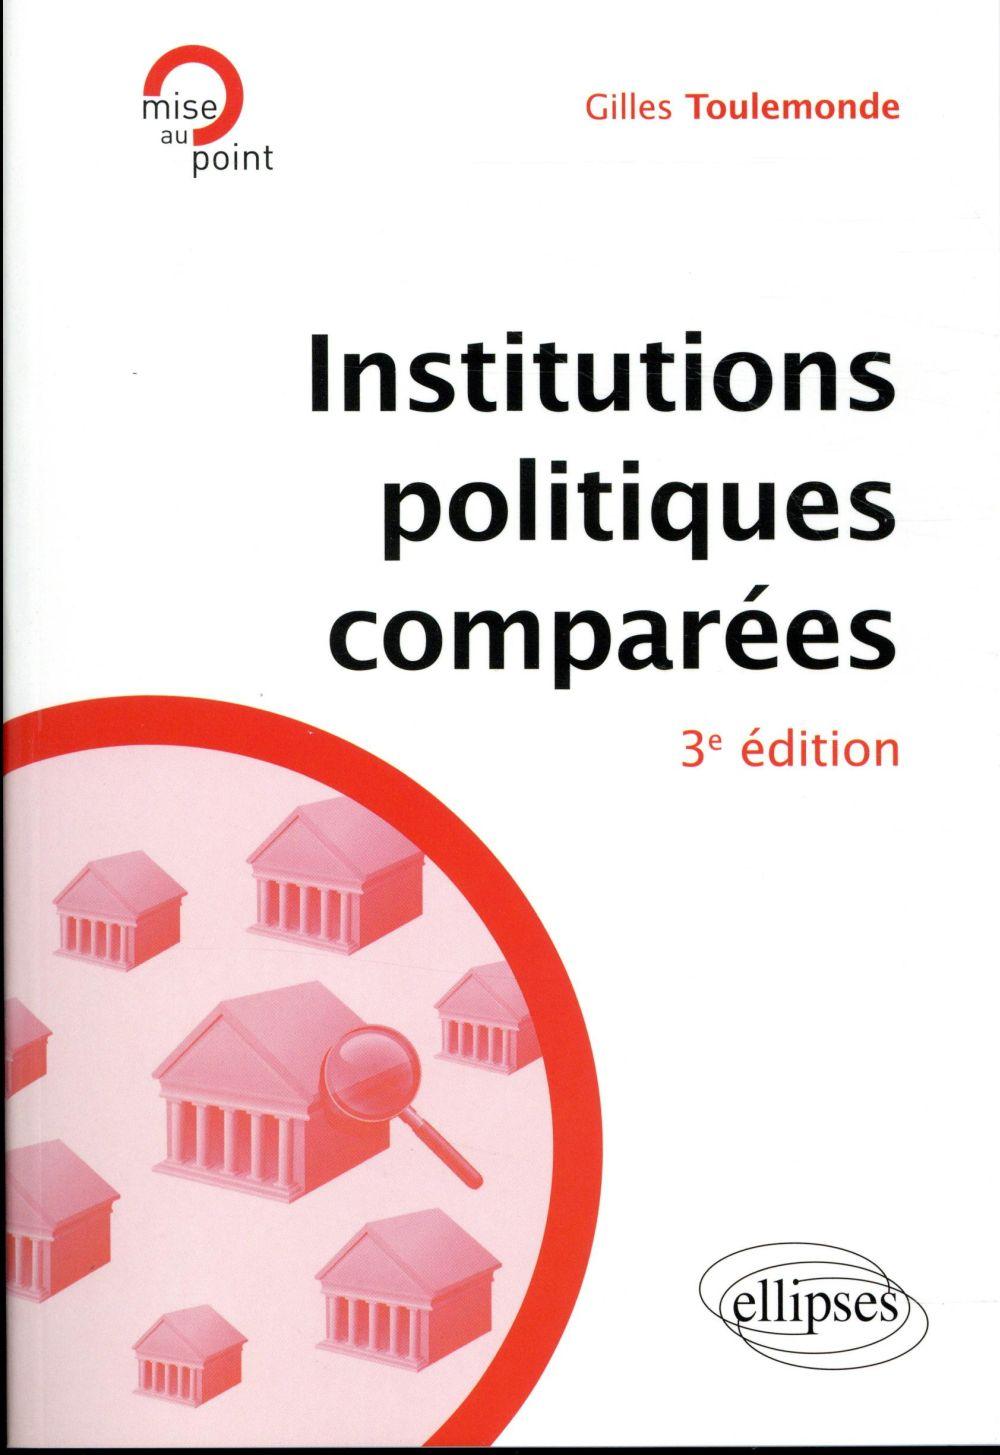 Institutions politiques comparées (3e édition)